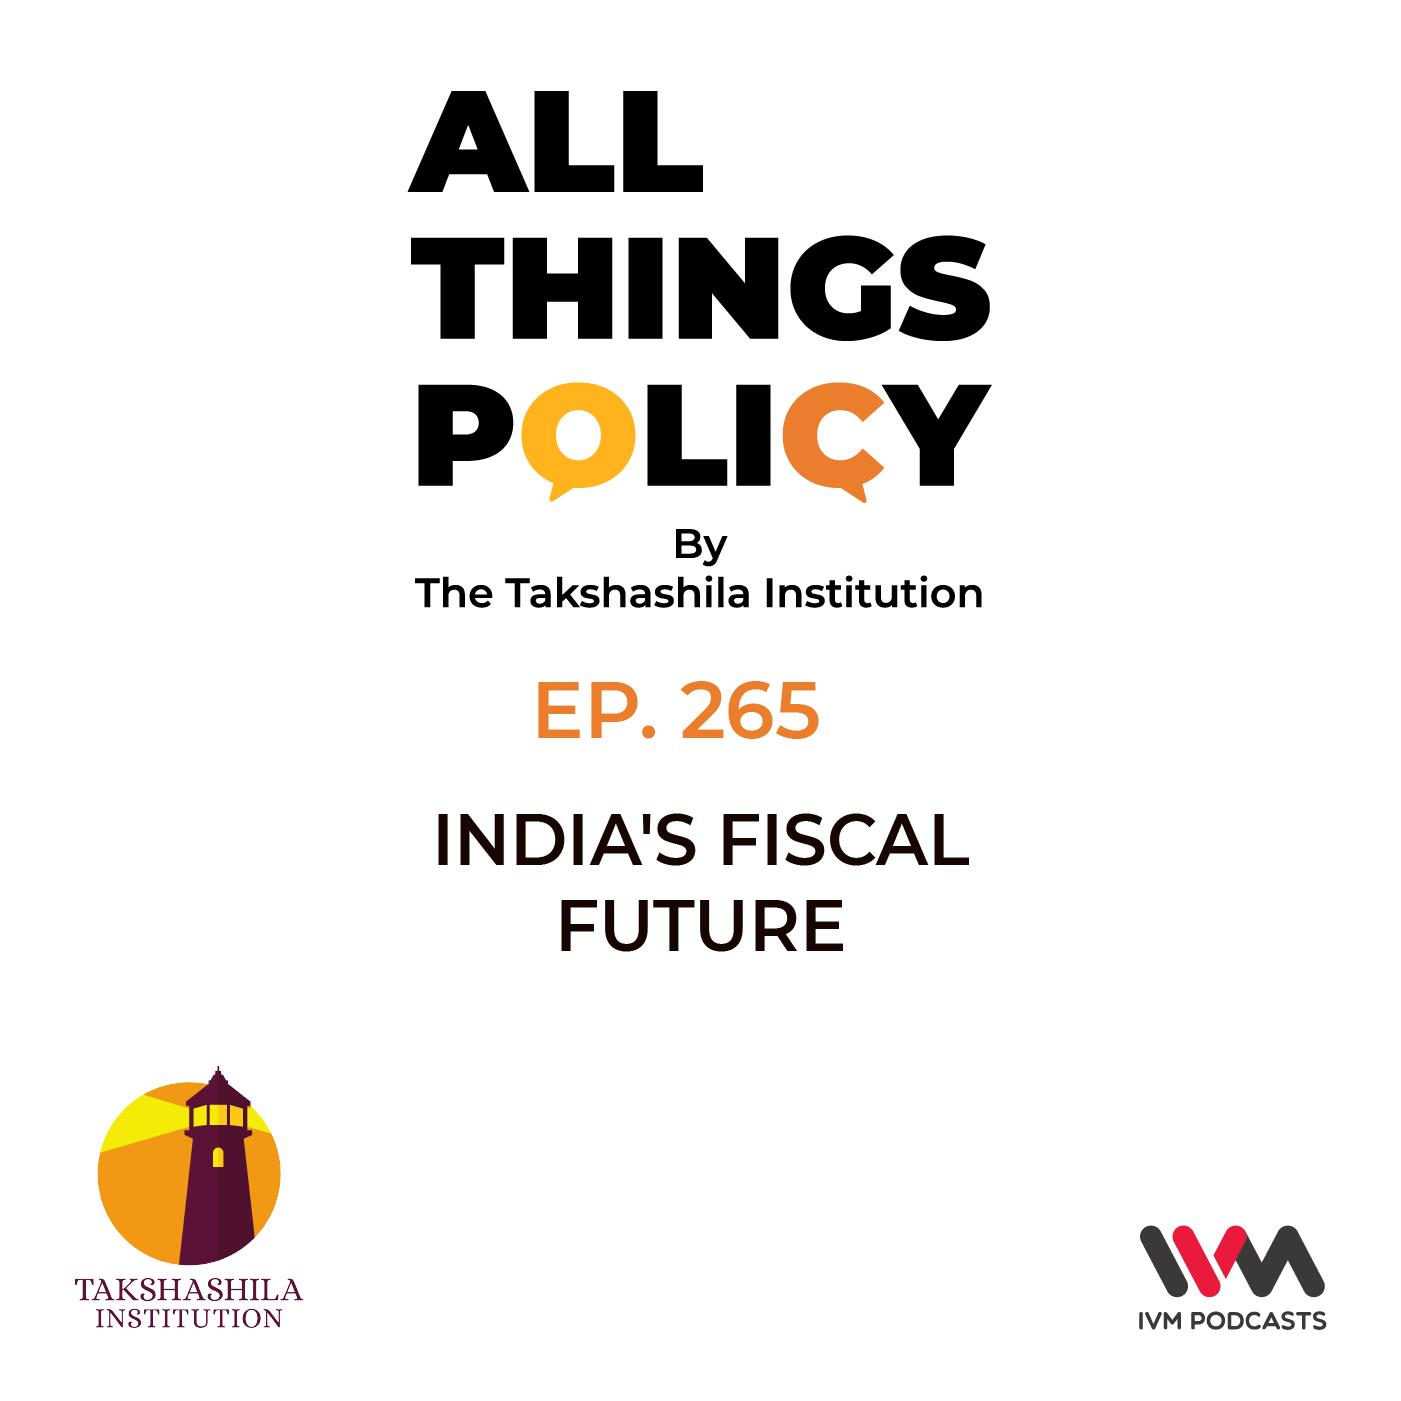 Ep. 265: India's Fiscal Future